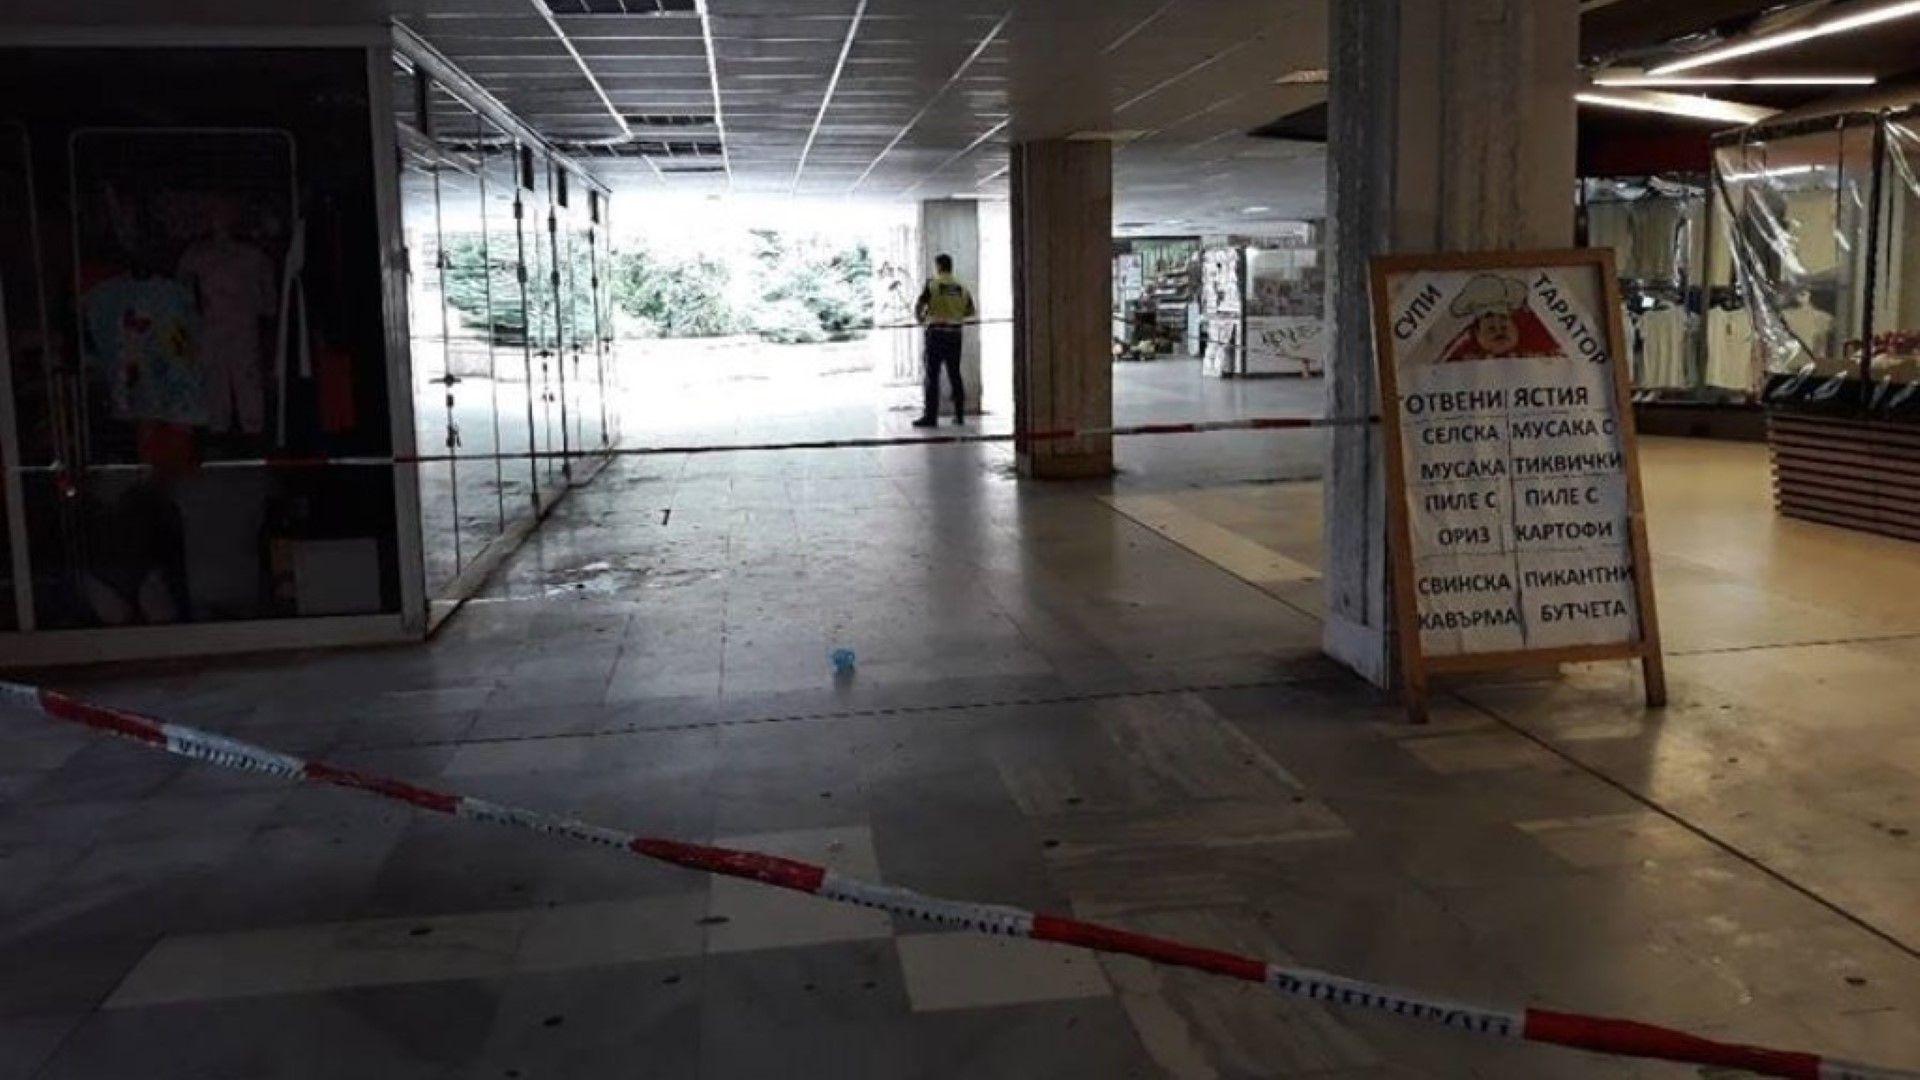 Скандалът е избухнал между двамата собственици на магазини заради куче